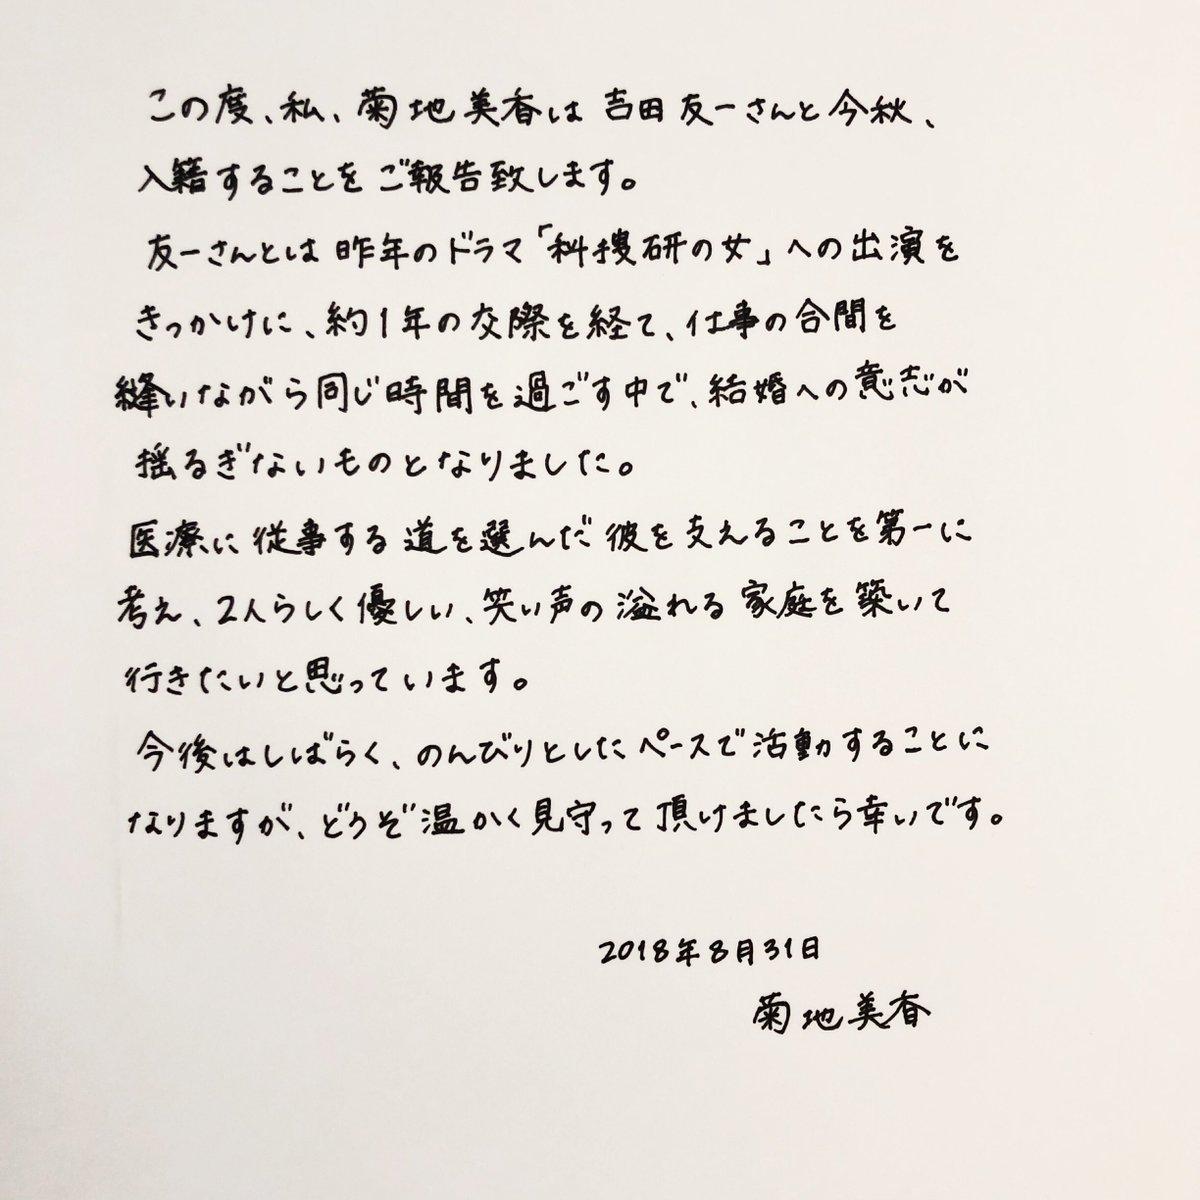 菊地美香さんの投稿画像